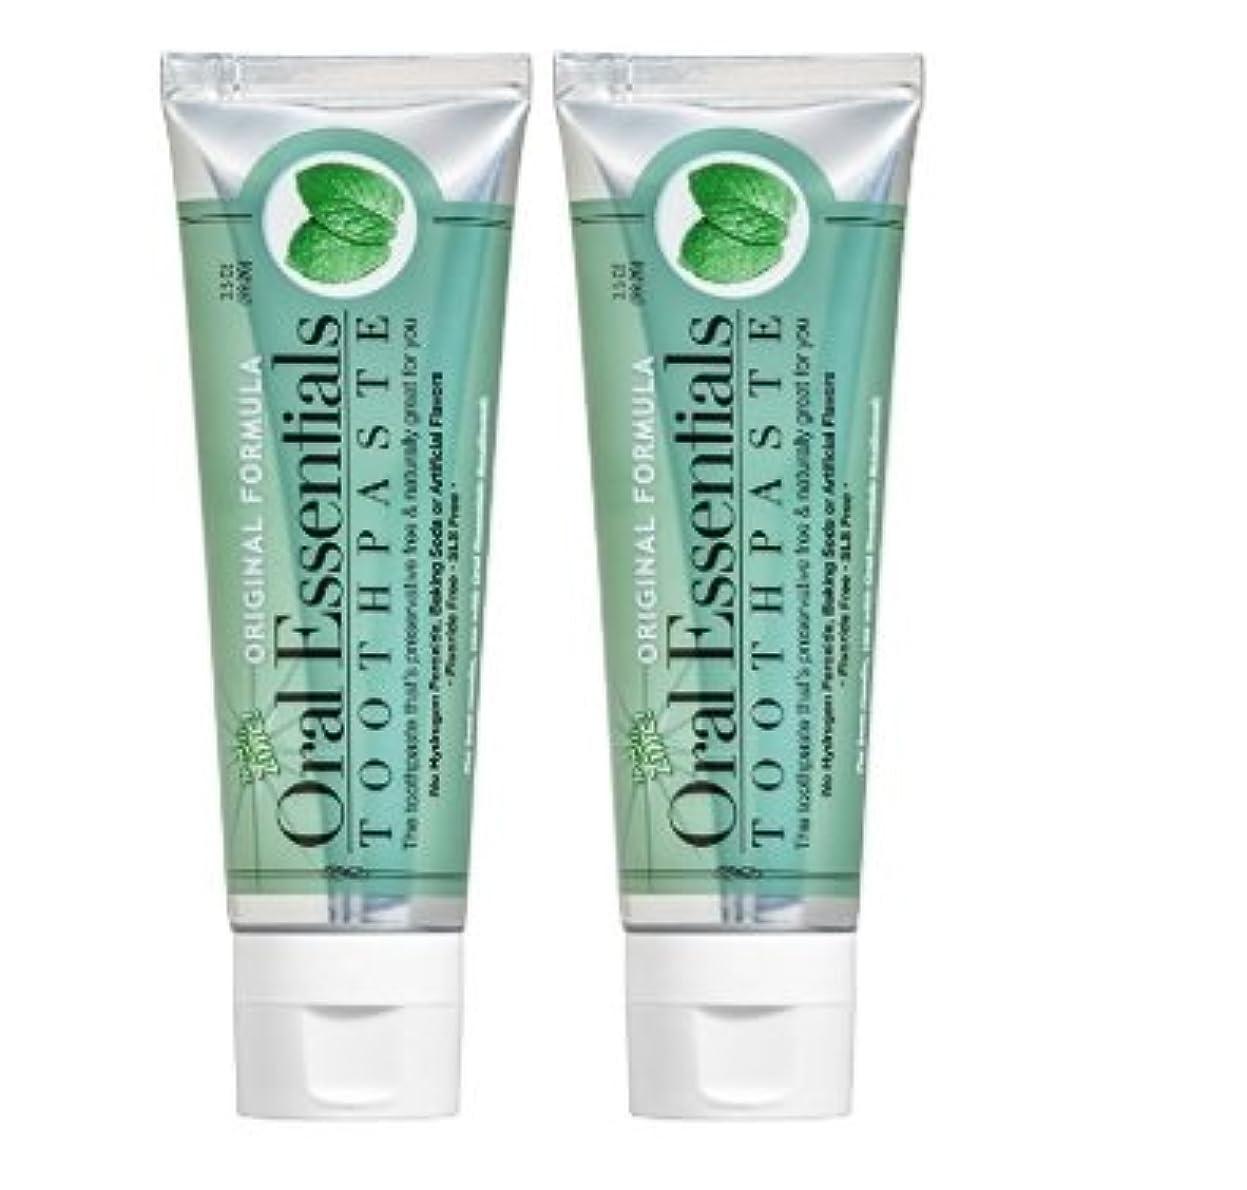 構想するシマウマ大宇宙海外直送品 Oral Essentials オーラルエッセンシャル 歯磨き粉 (オリジナル 106.3グラム 2個) Fresh Breath Toothpaste (Pack of 2) 3.5 Oz Dentist Formulated & Certified Non- Toxic NO Fluoride, SLS, Artificial Flavors (Safe for the Entire Family)